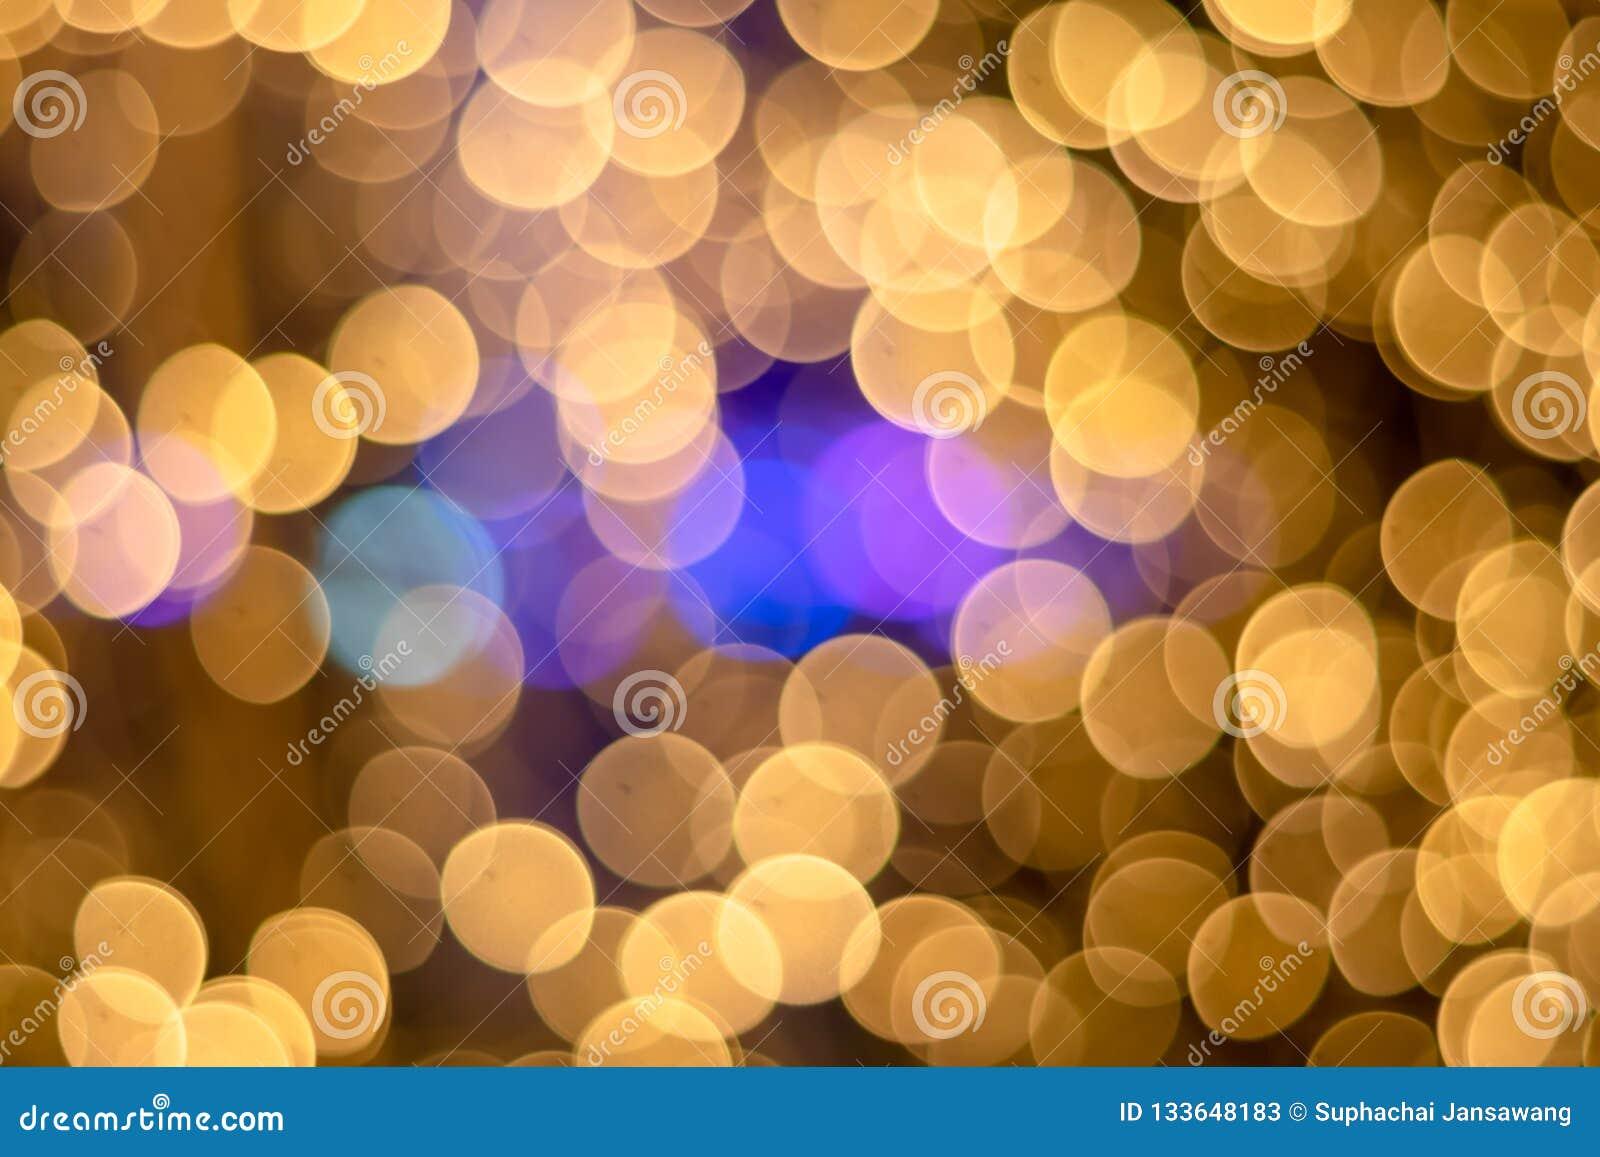 ฺChristmas Bokeh lekkich punktów złocisty tło piękny światło